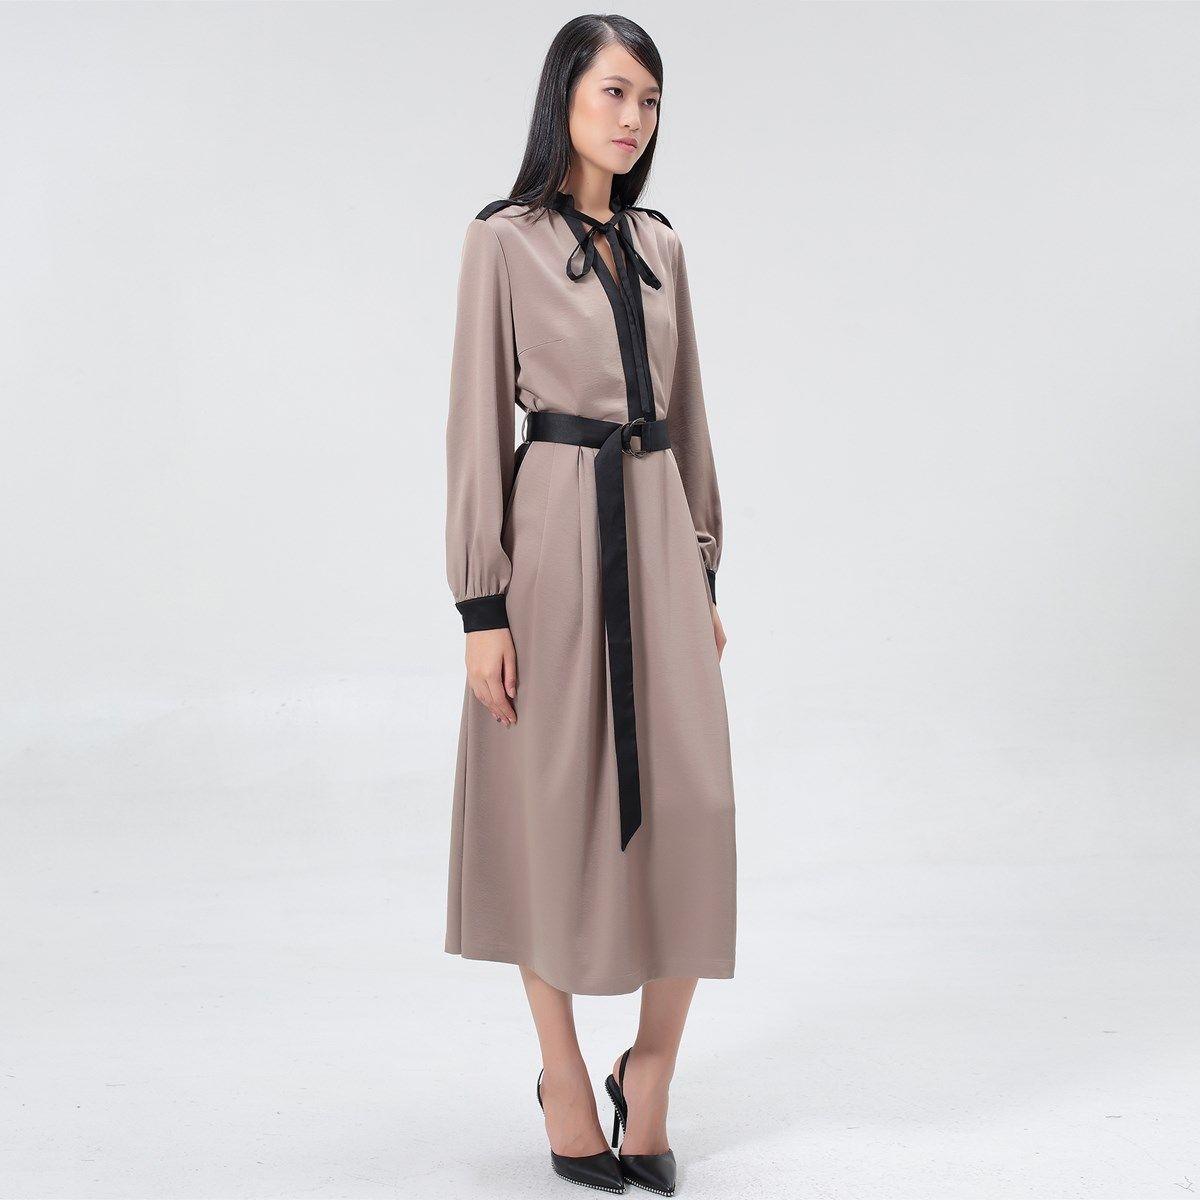 Robe-blouse cintrée à garniture satin et ceinture rajoutée